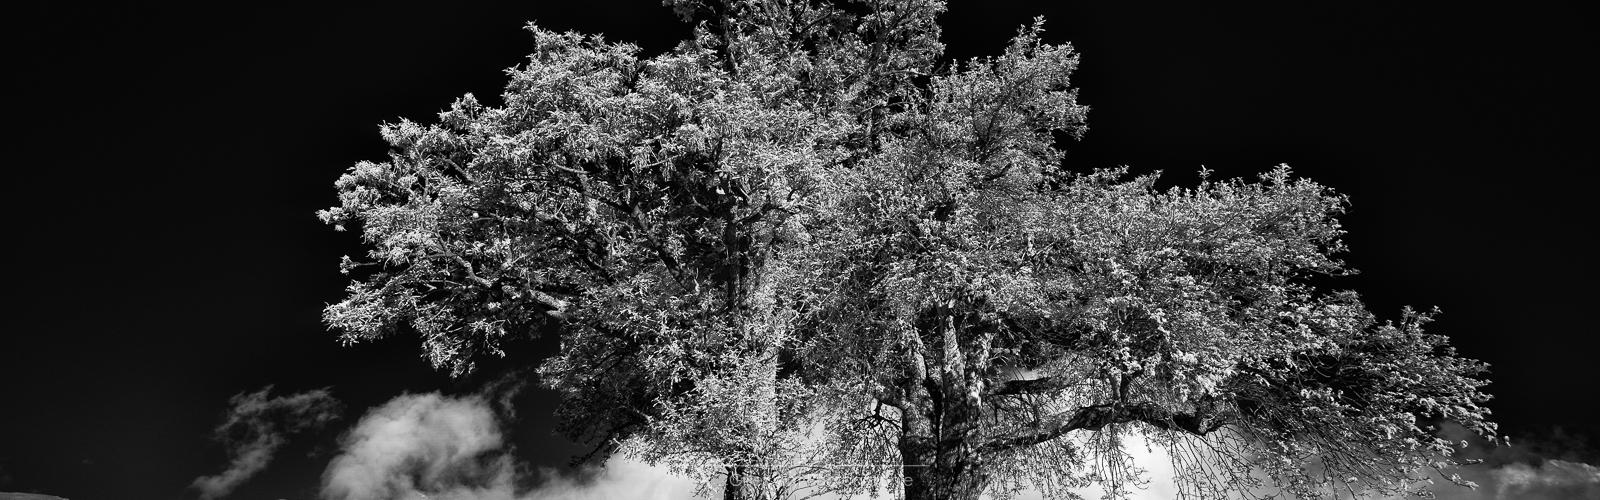 les deux frères – photos infrarouges